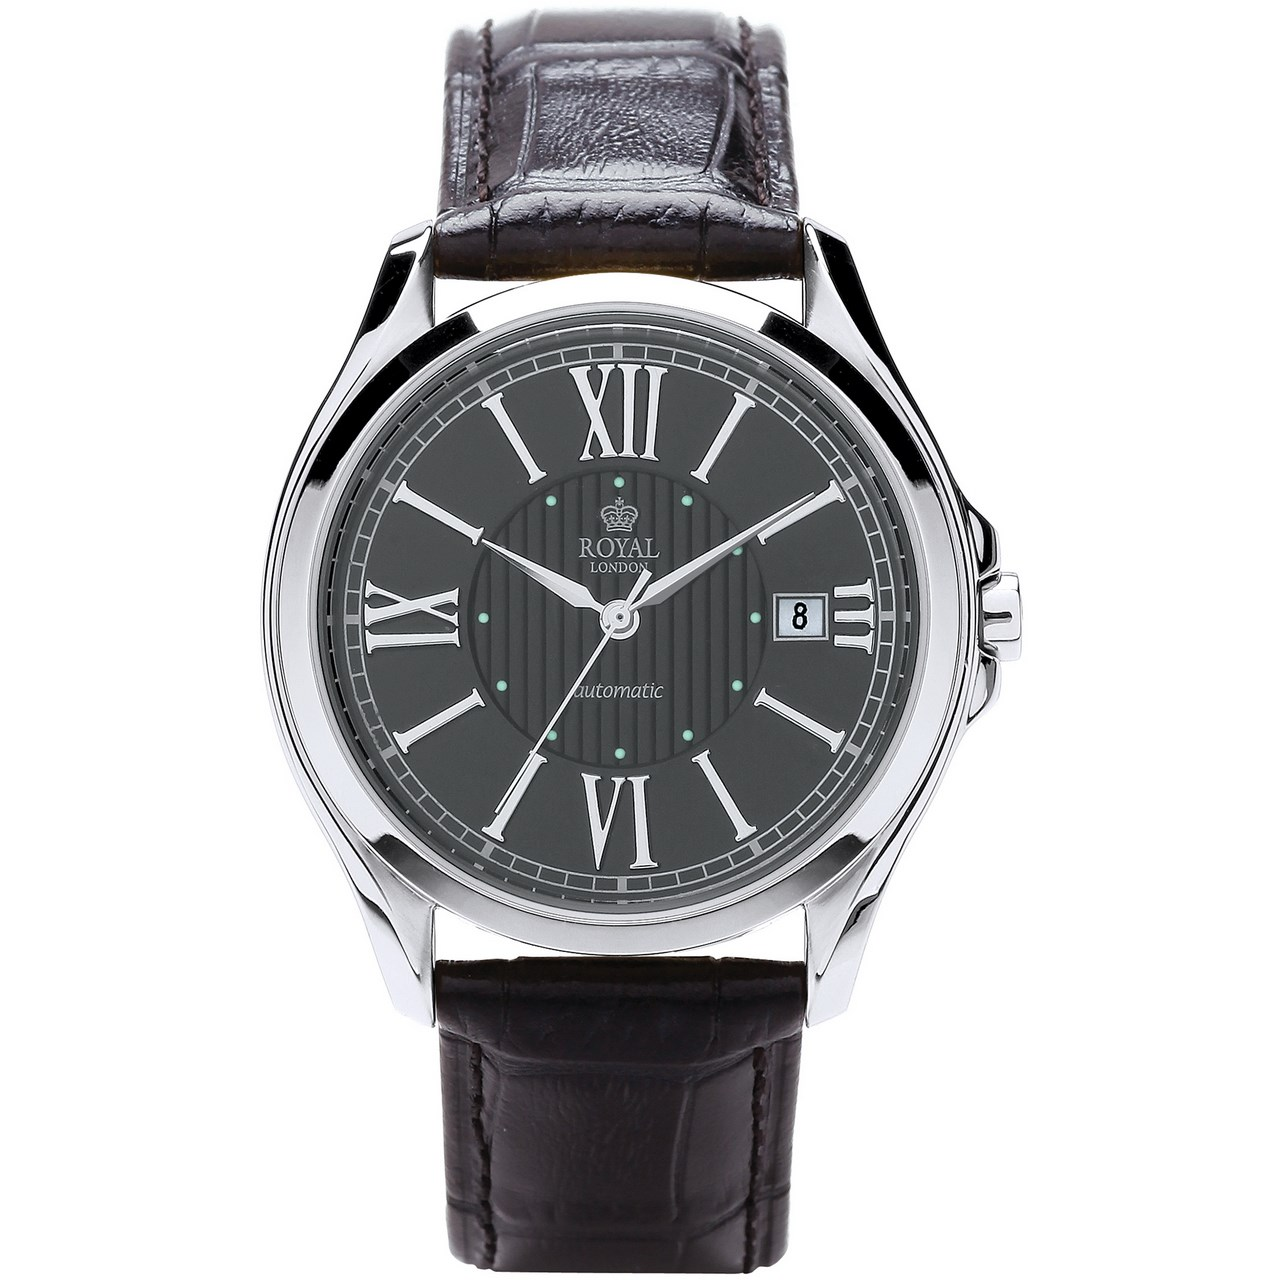 ساعت مچی عقربه ای مردانه رویال لندن مدل RL-41152-02 37